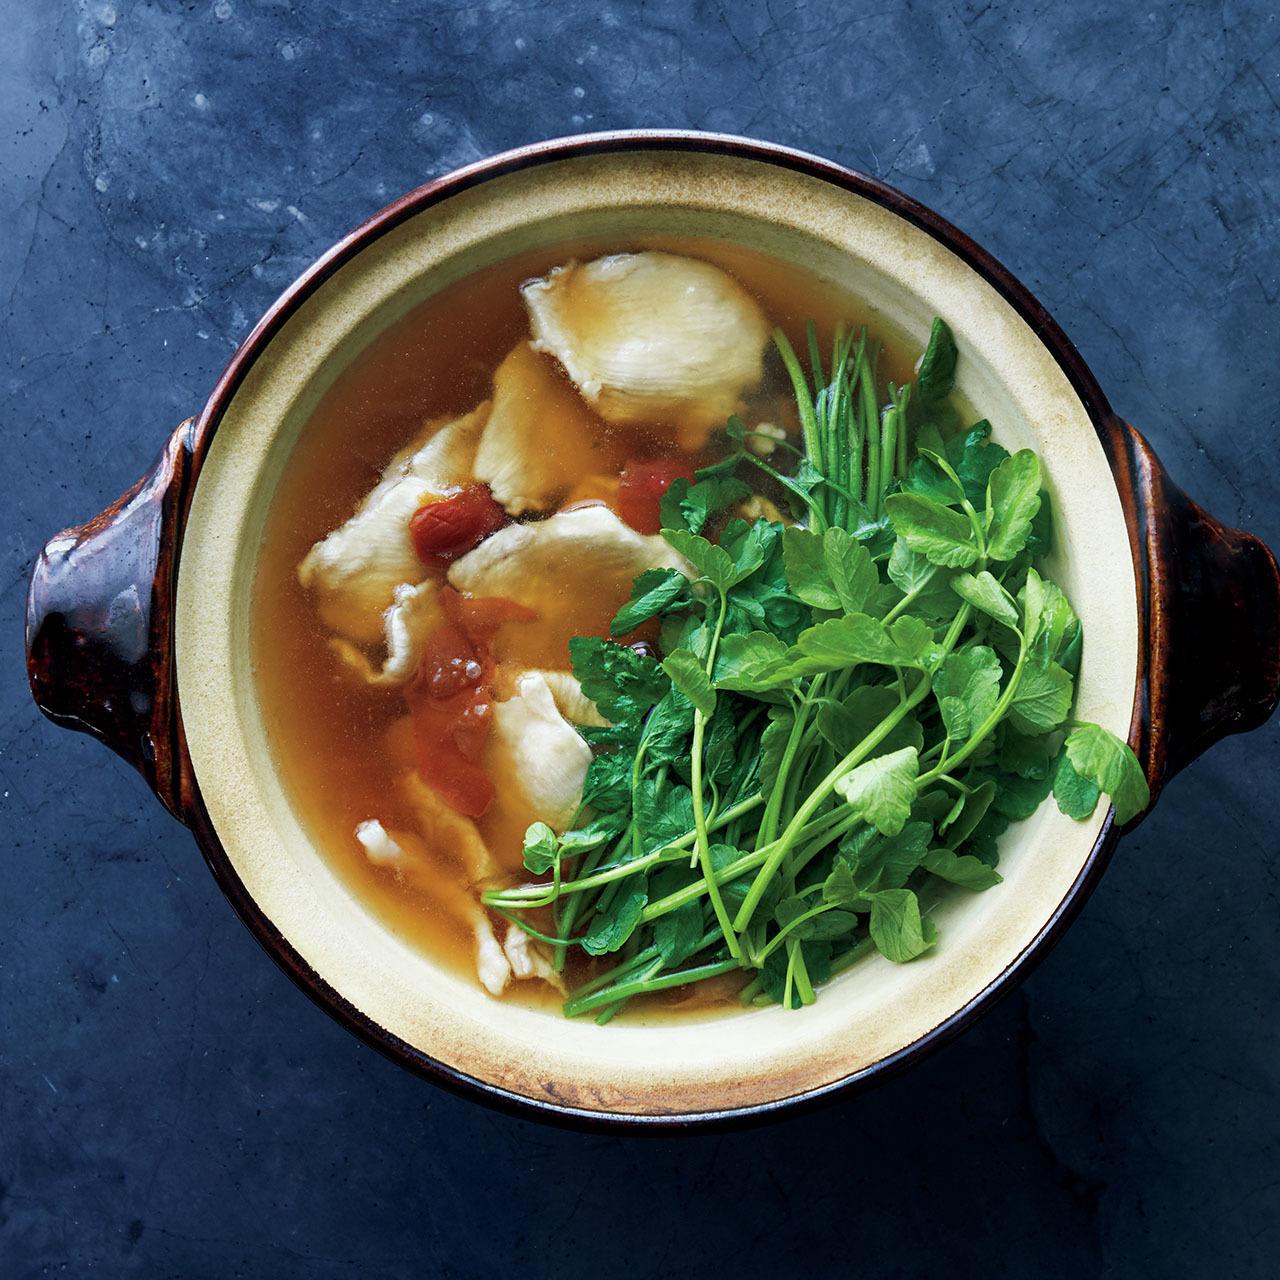 料理家・堤人美さんが提案! 冬野菜が美味しい鍋レシピ 五選_1_1-3